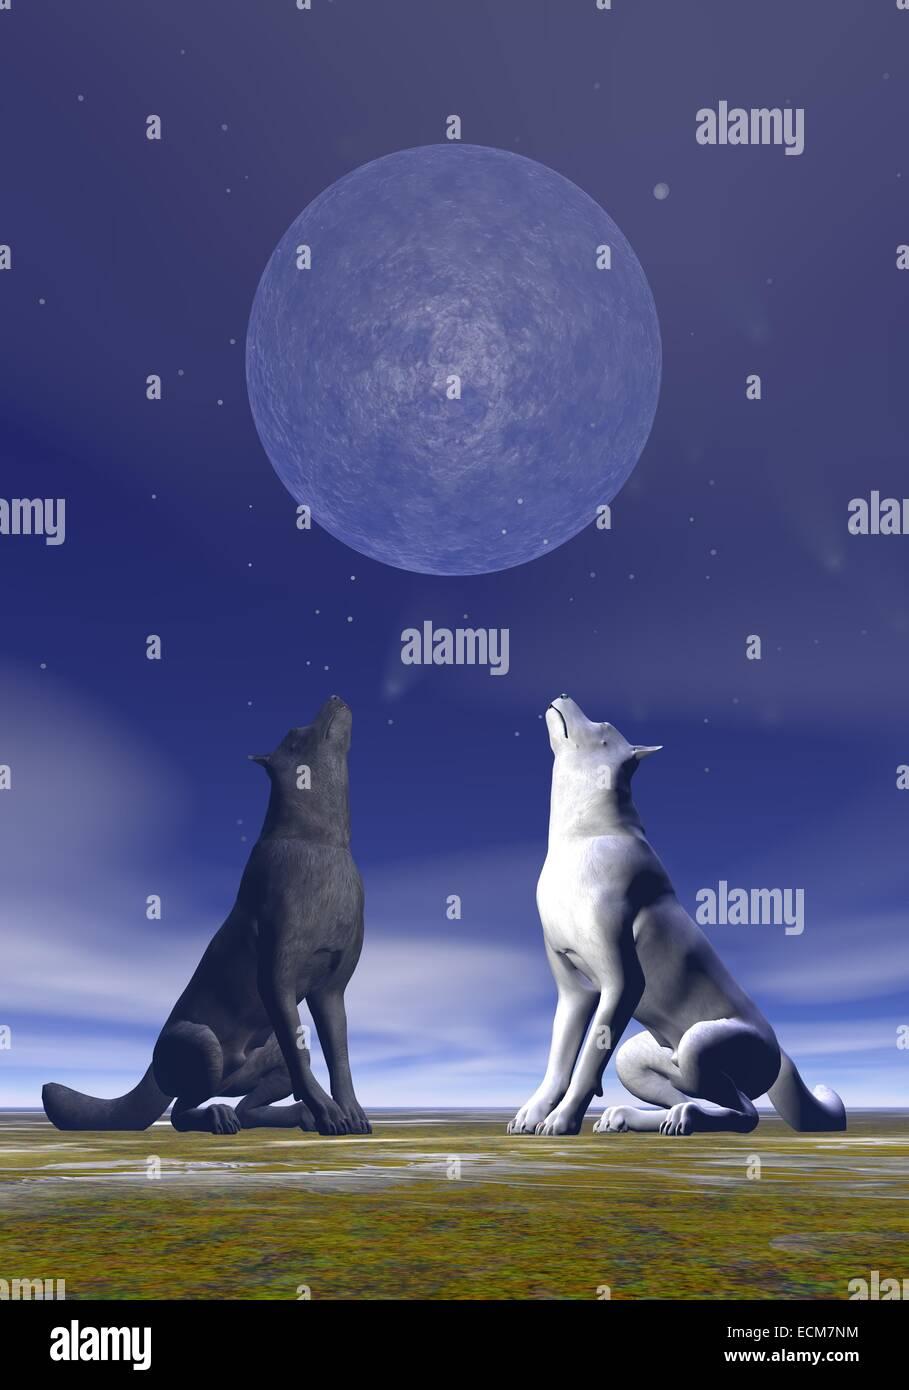 Uno Blanco Y Otro Negro Lobo Aullando A La Luna Llena Por La Noche